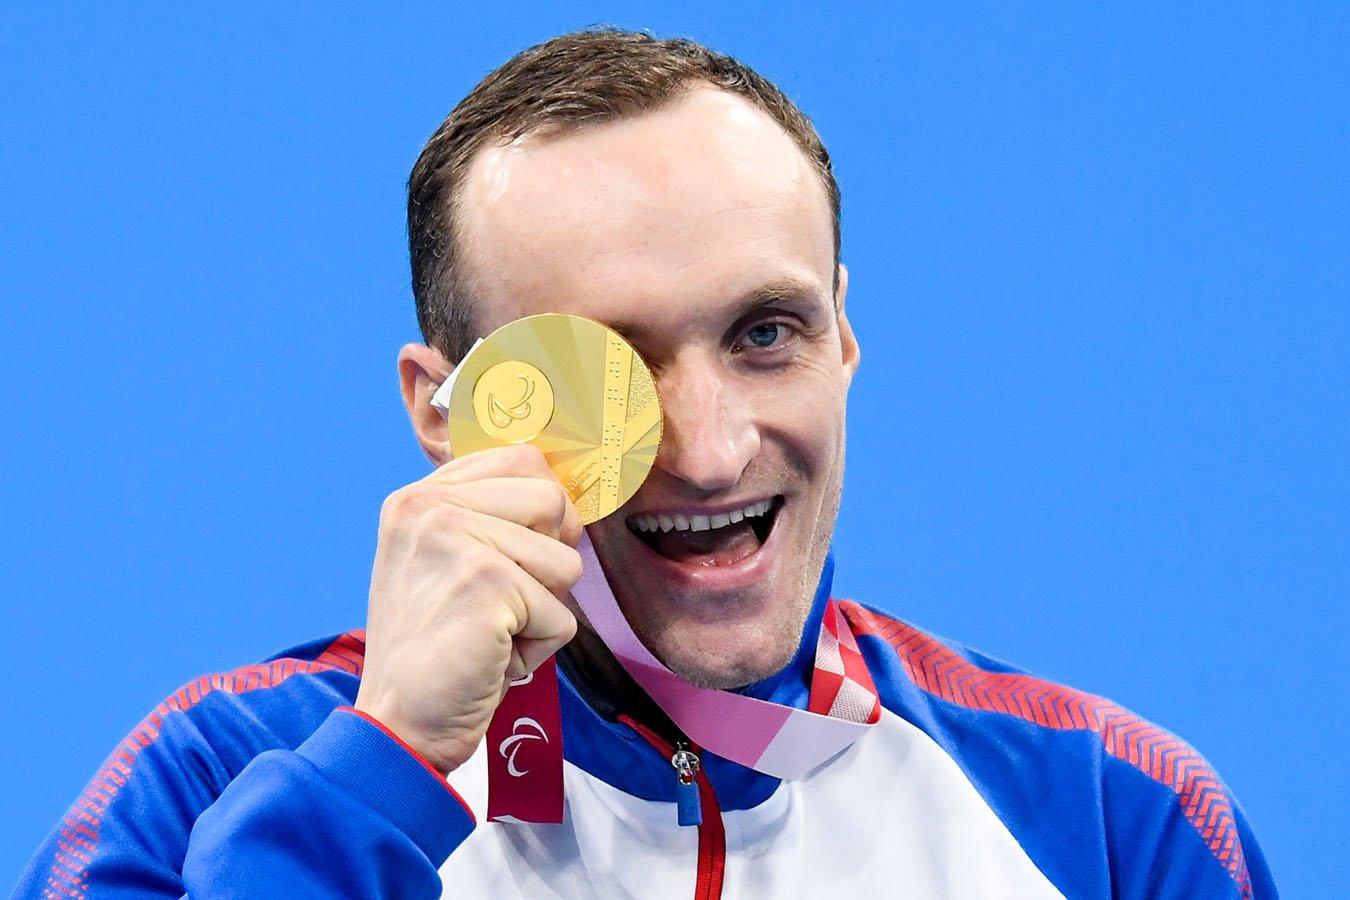 Сборная России обновила свой рекорд по количеству медалей на летних Паралимпийских играх